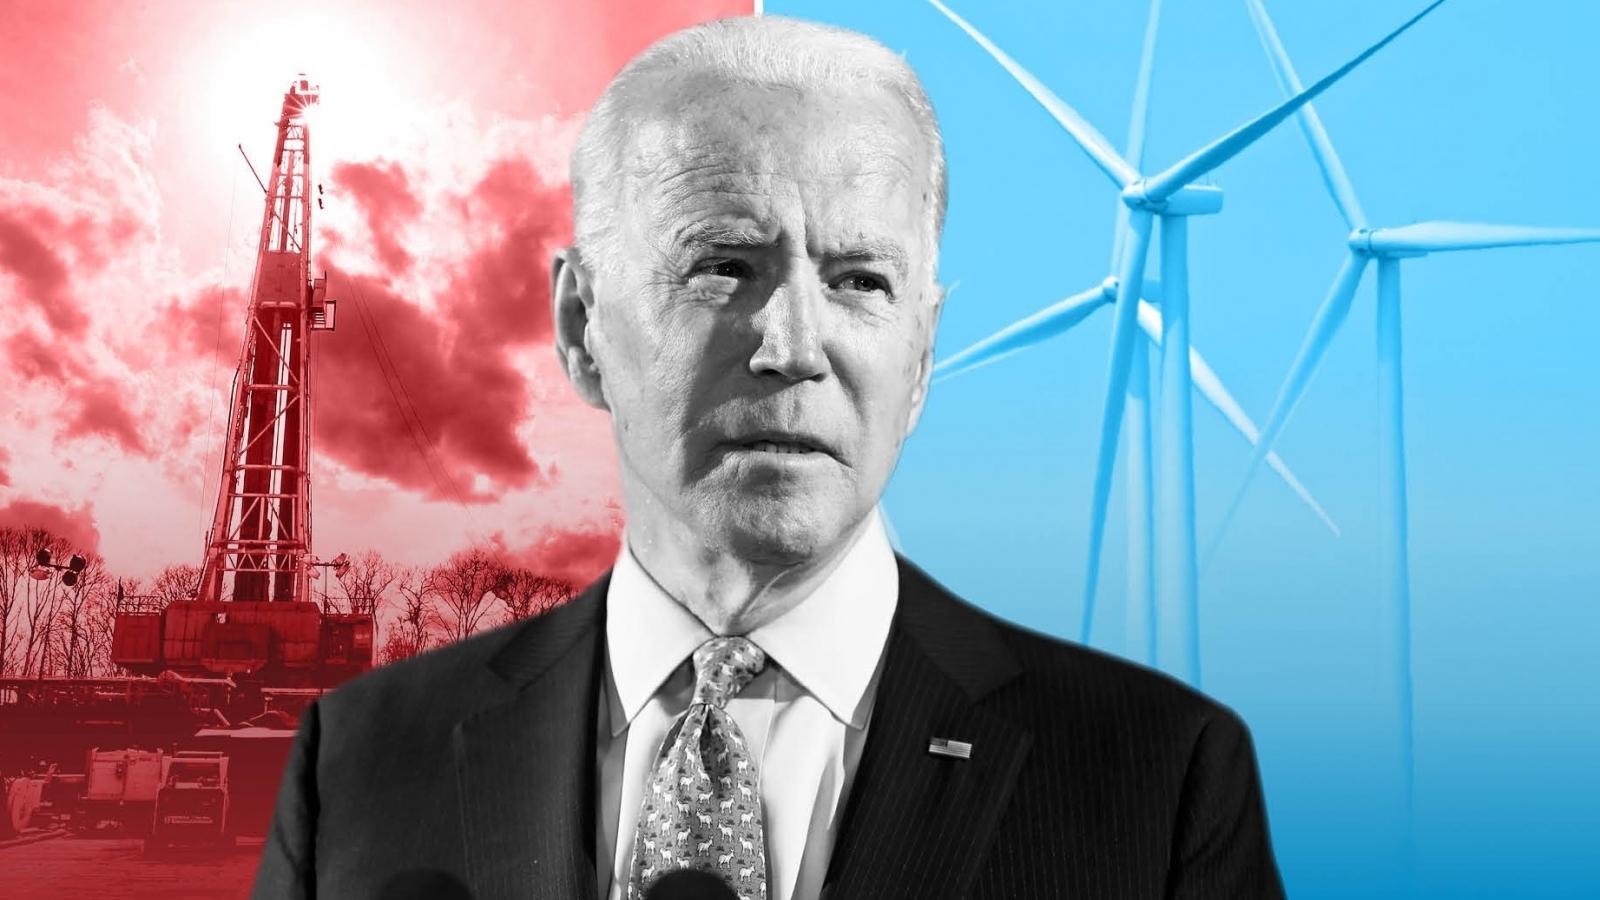 Mỹ đánh dấu sự trở lại trong nỗ lực chung chống biến đổi khí hậu toàn cầu